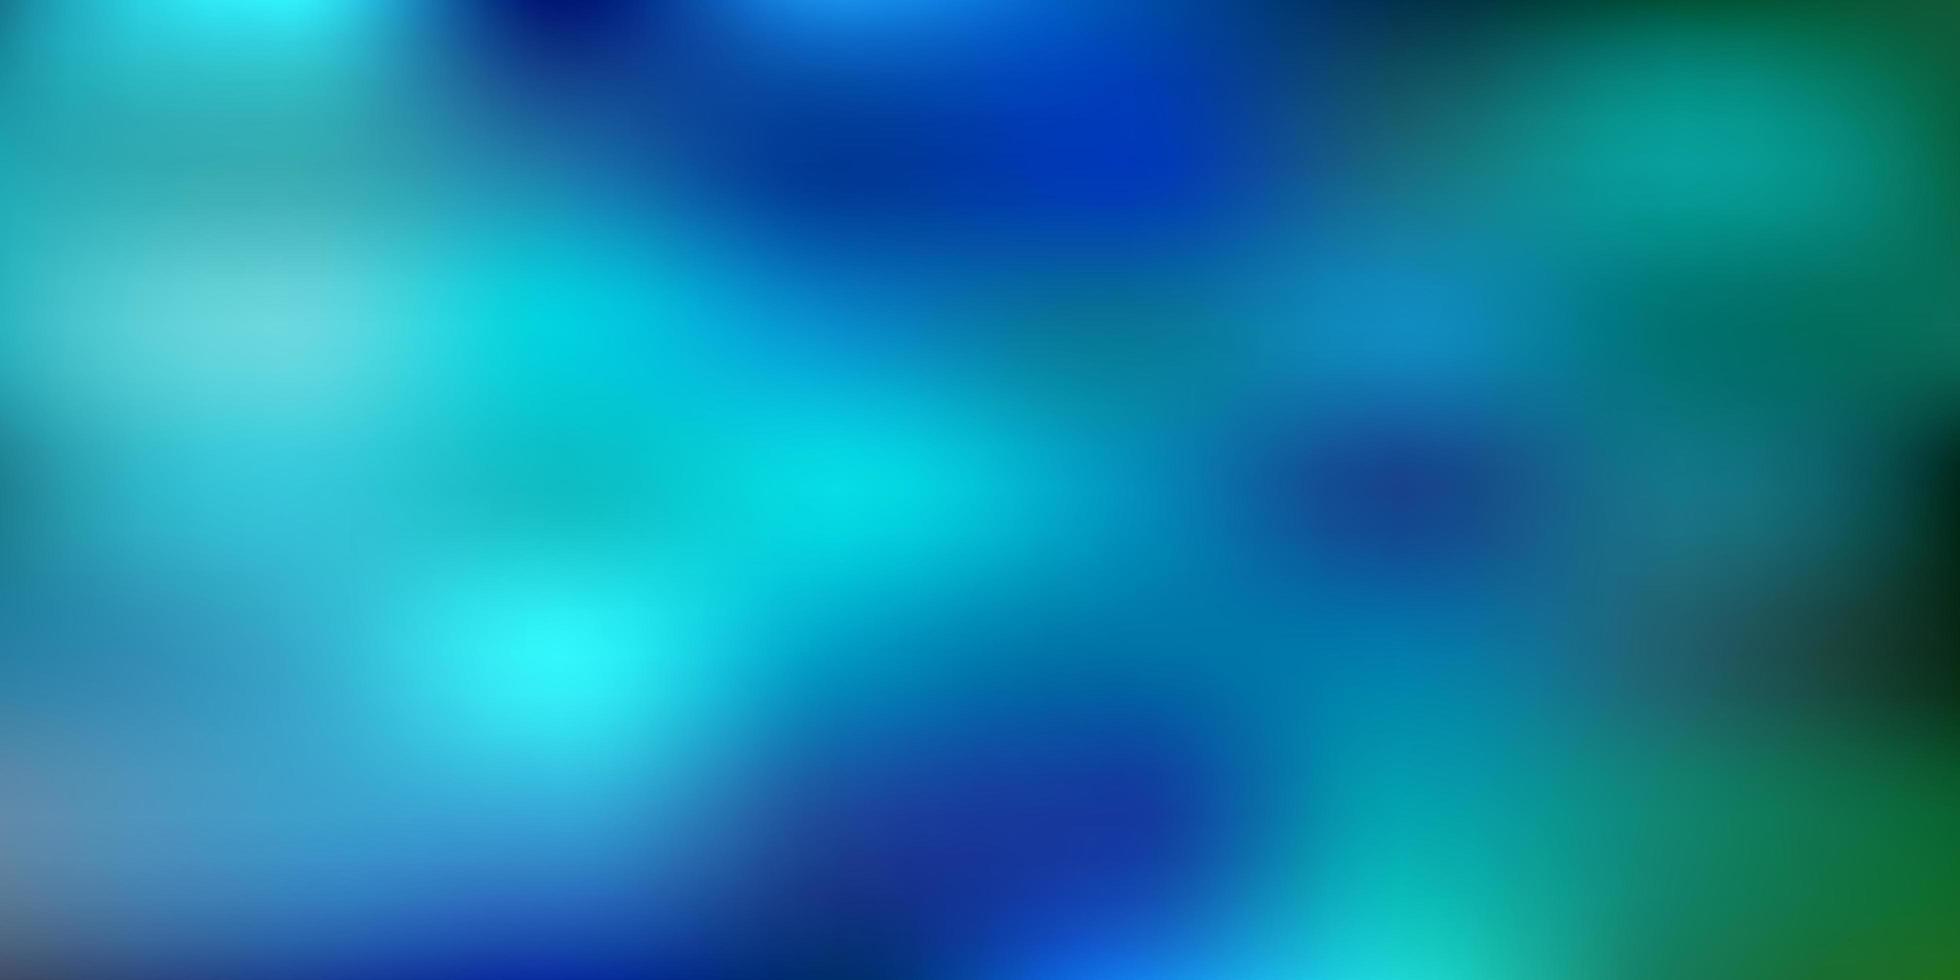 desenho de borrão de gradiente de vetor de azul claro